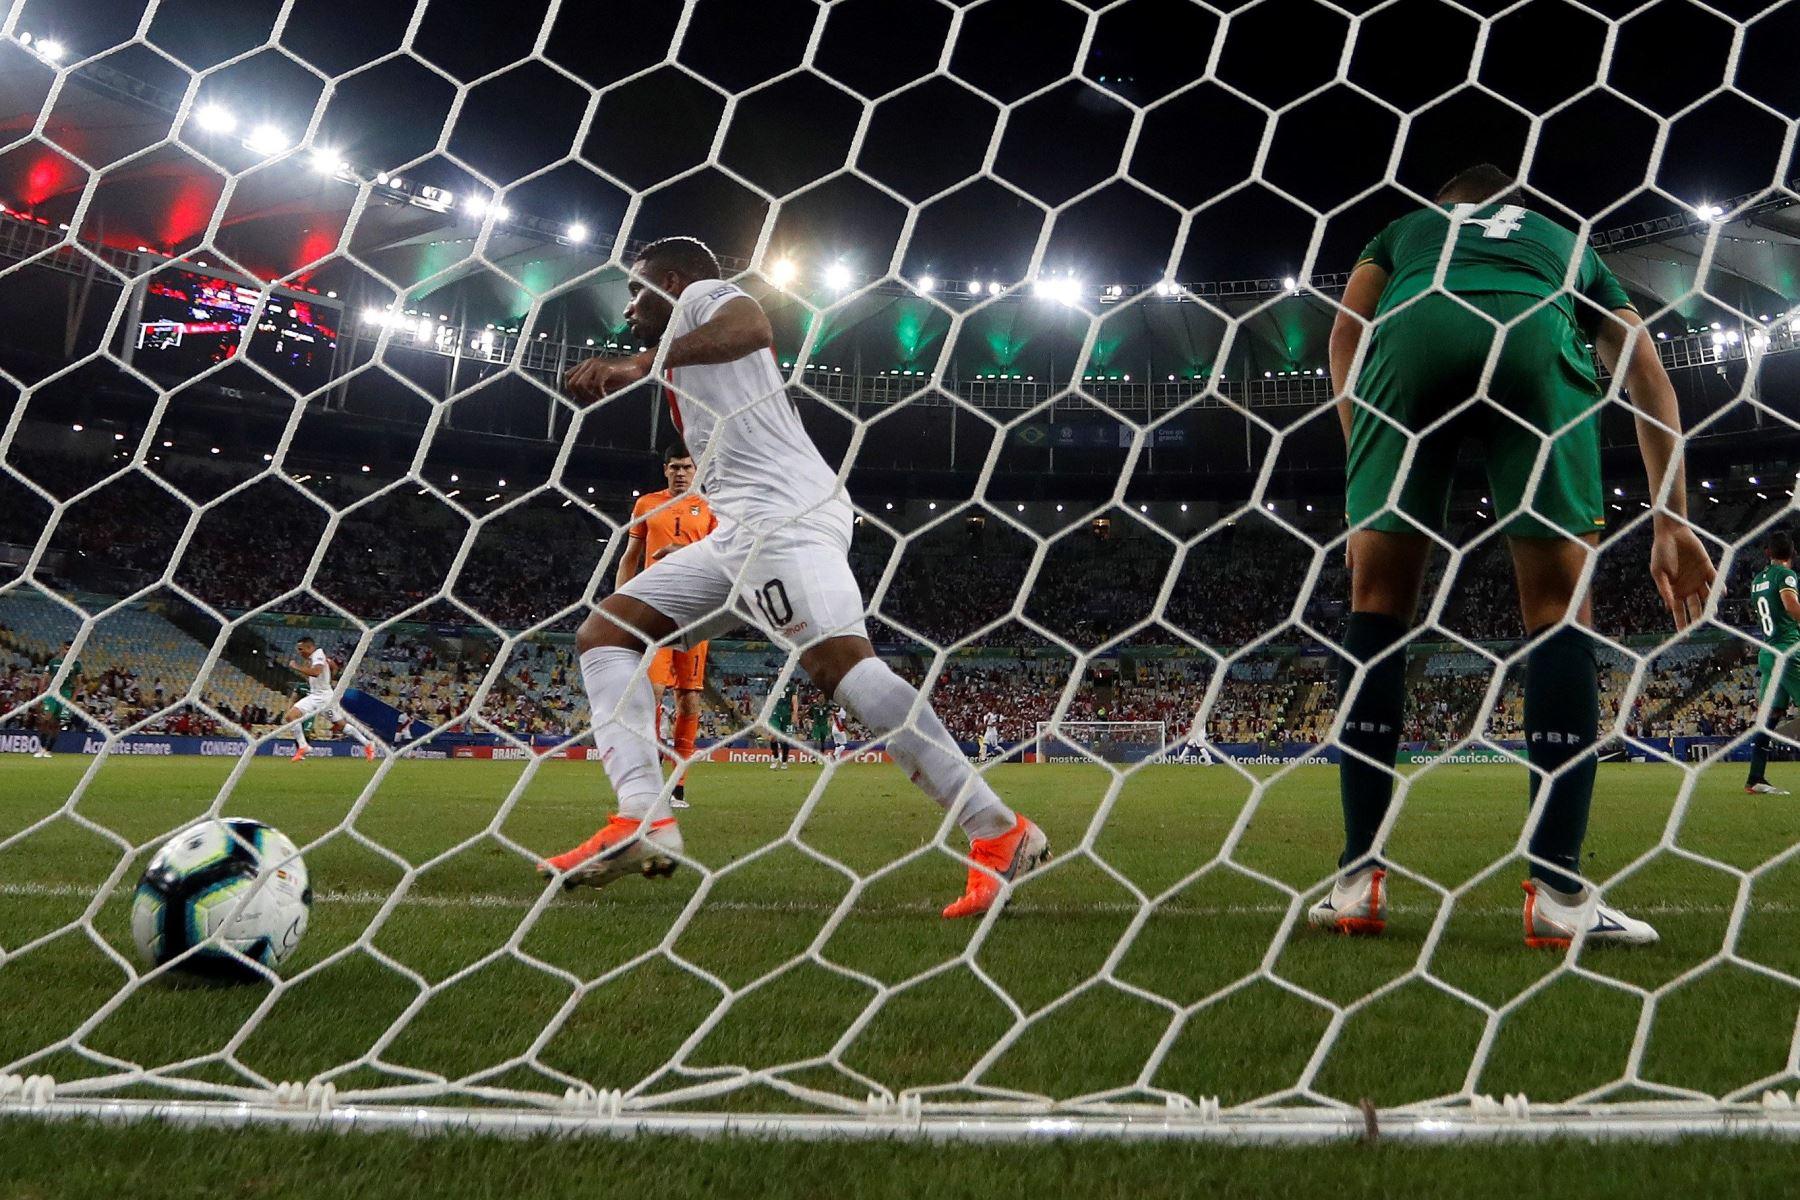 Jefferson Farfán de Perú celebra un gol de su compañero Paolo Guerrero (no en la foto) durante el partido Bolivia-Perú del Grupo A de la Copa América de Fútbol 2019. Foto: EFE